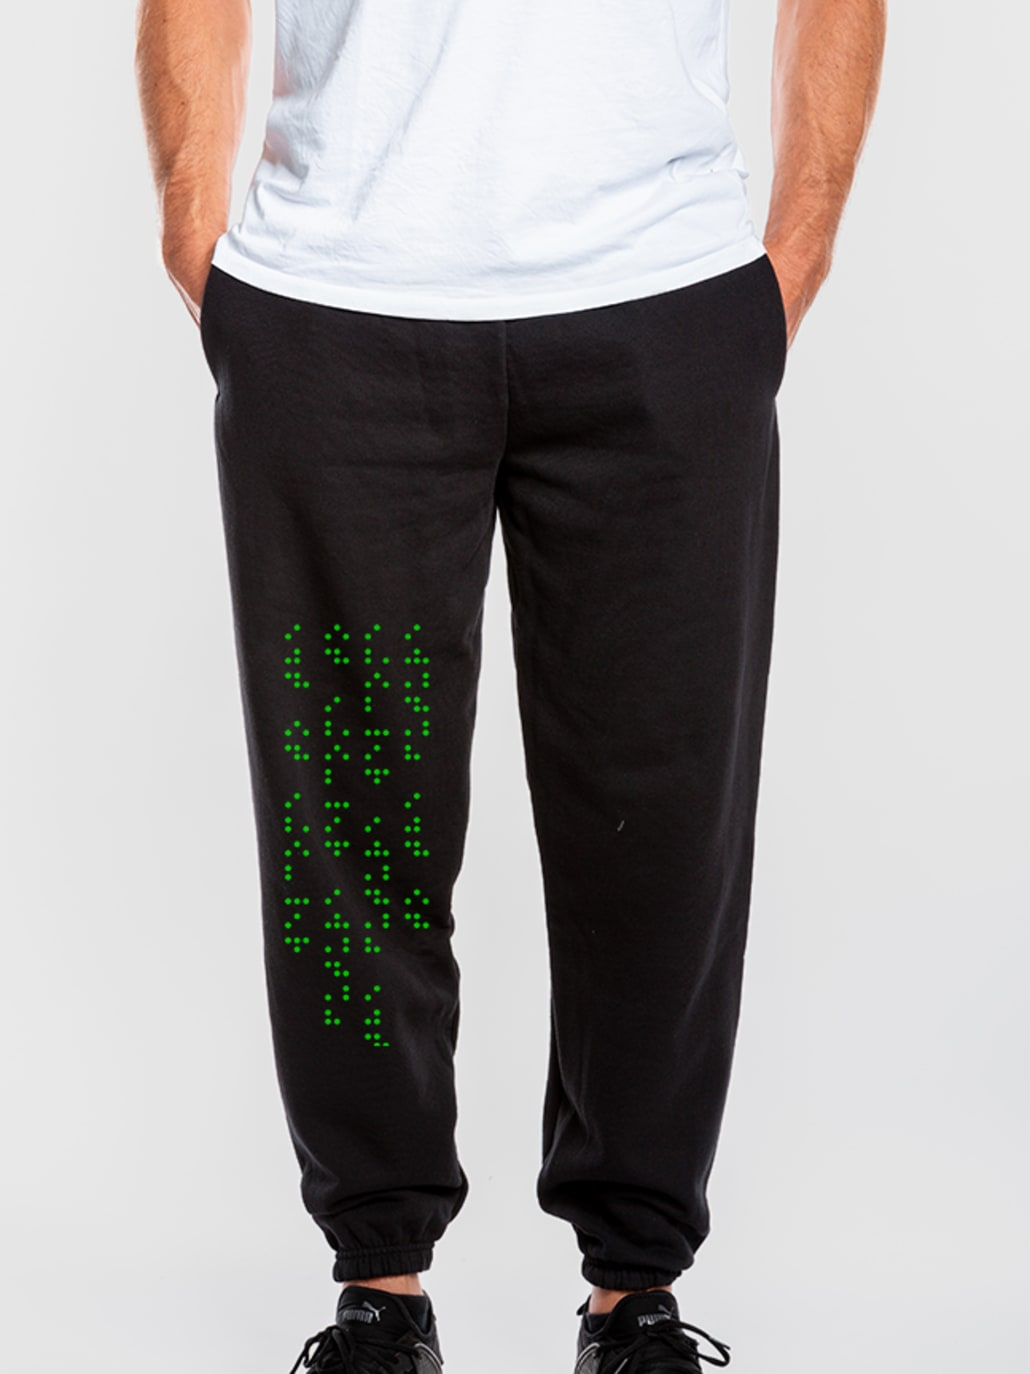 Selbst gestaltete Jogginghose mit Blindenschrift